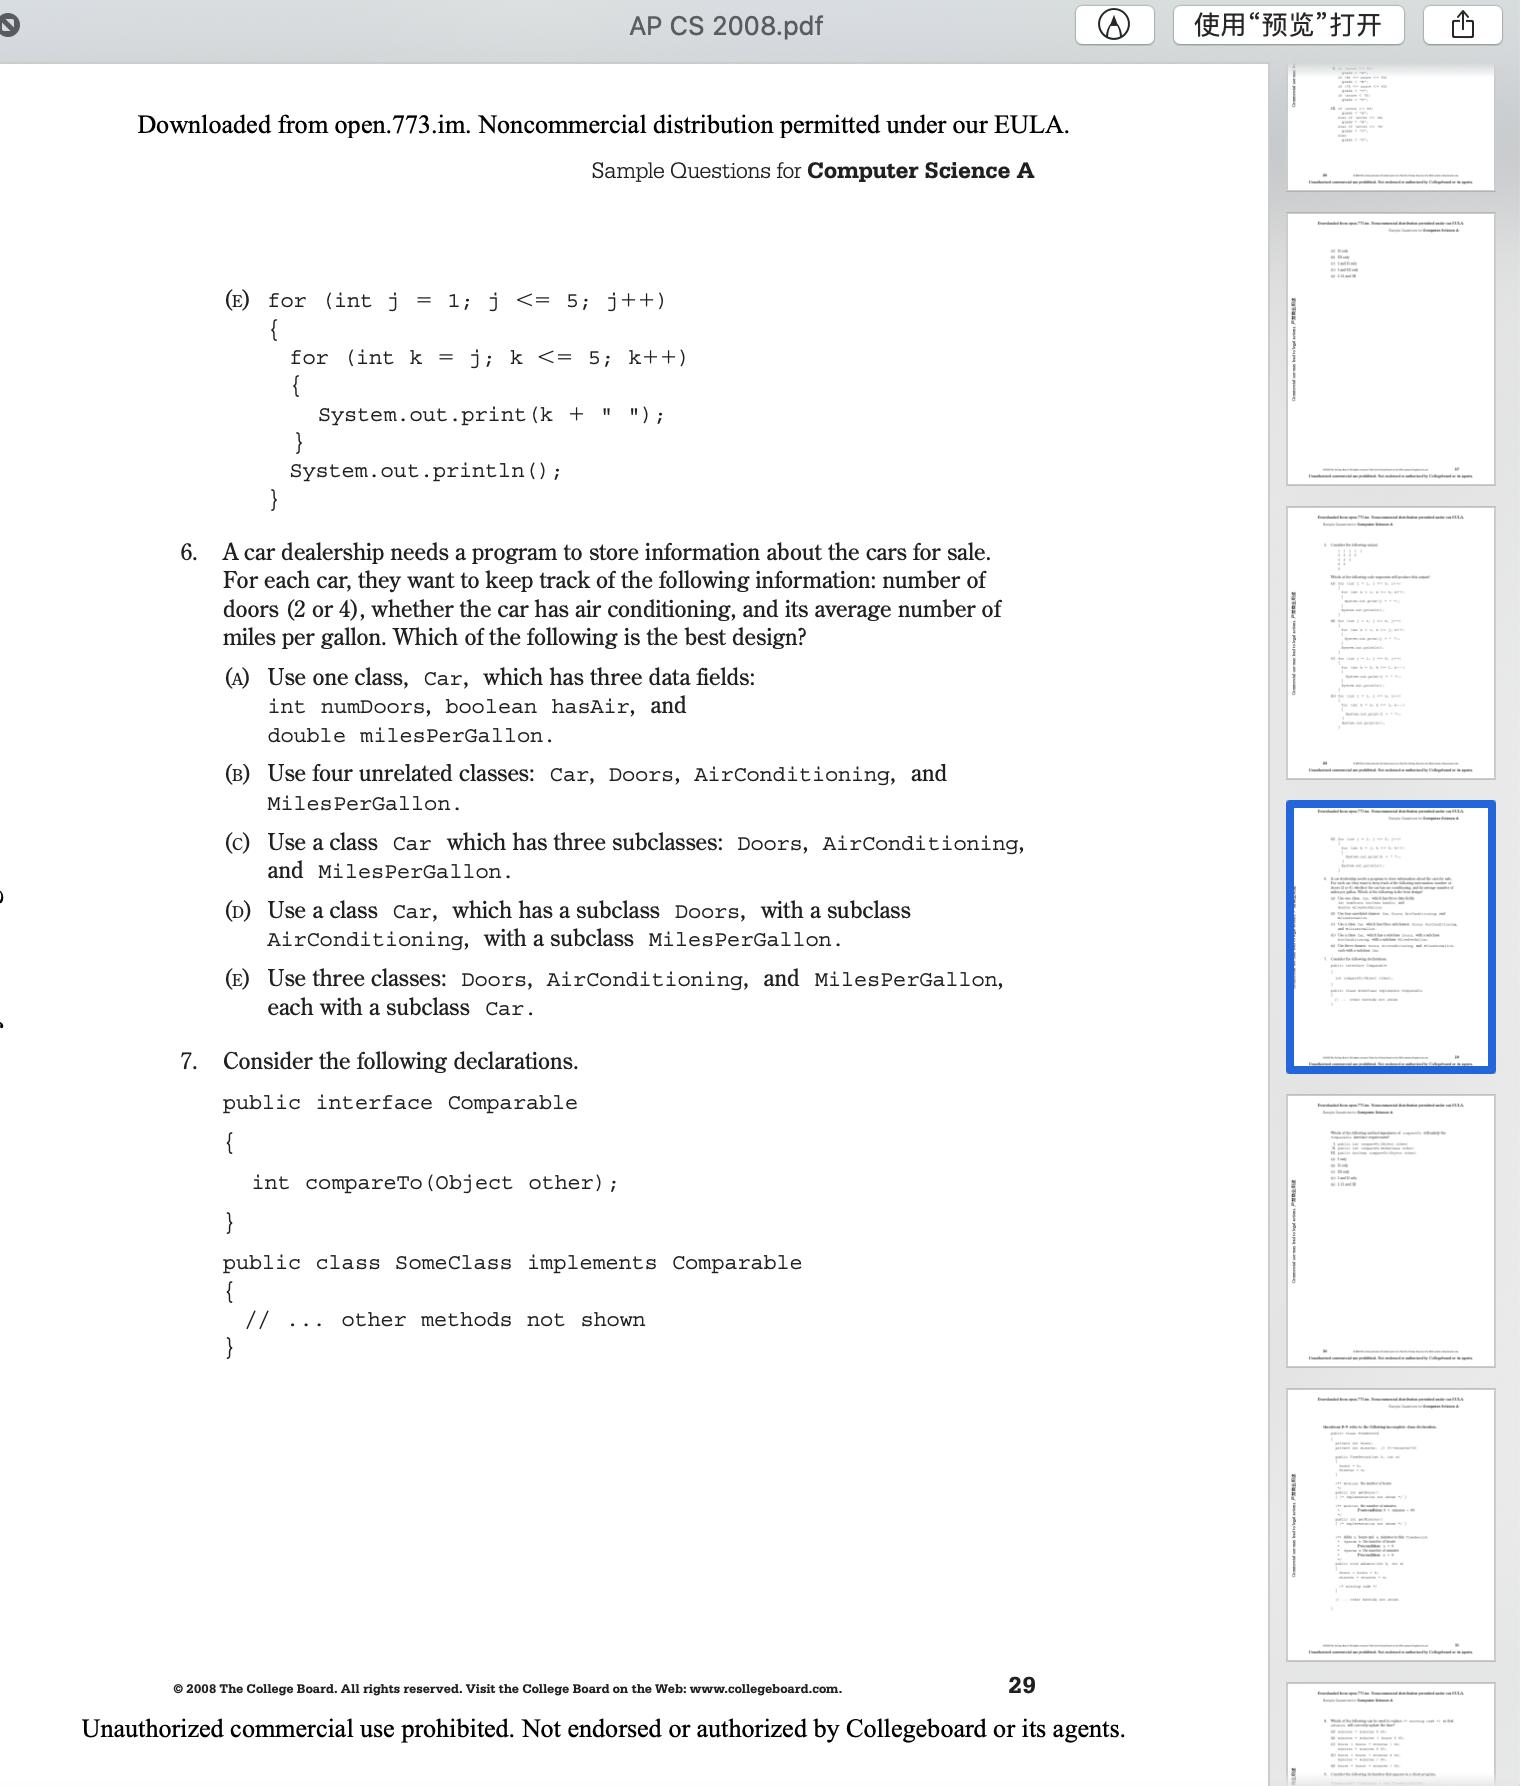 2008年AP计算机真题下载-选择题下载